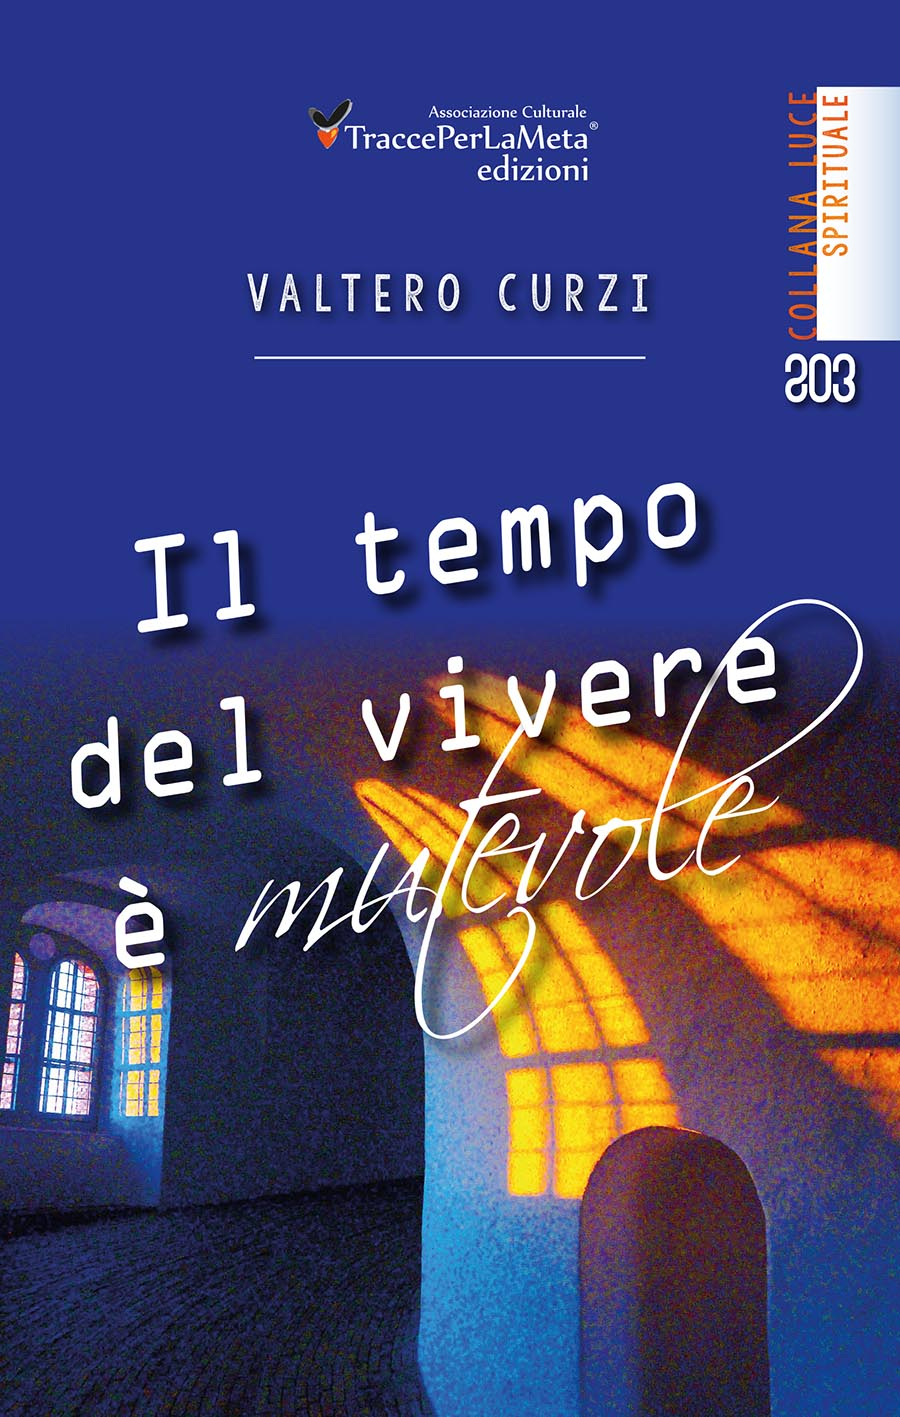 """Espressione intensa dell'emozione e del sentimento; esce """"Il tempo del vivere è mutevole"""" di Valtero Curzi"""